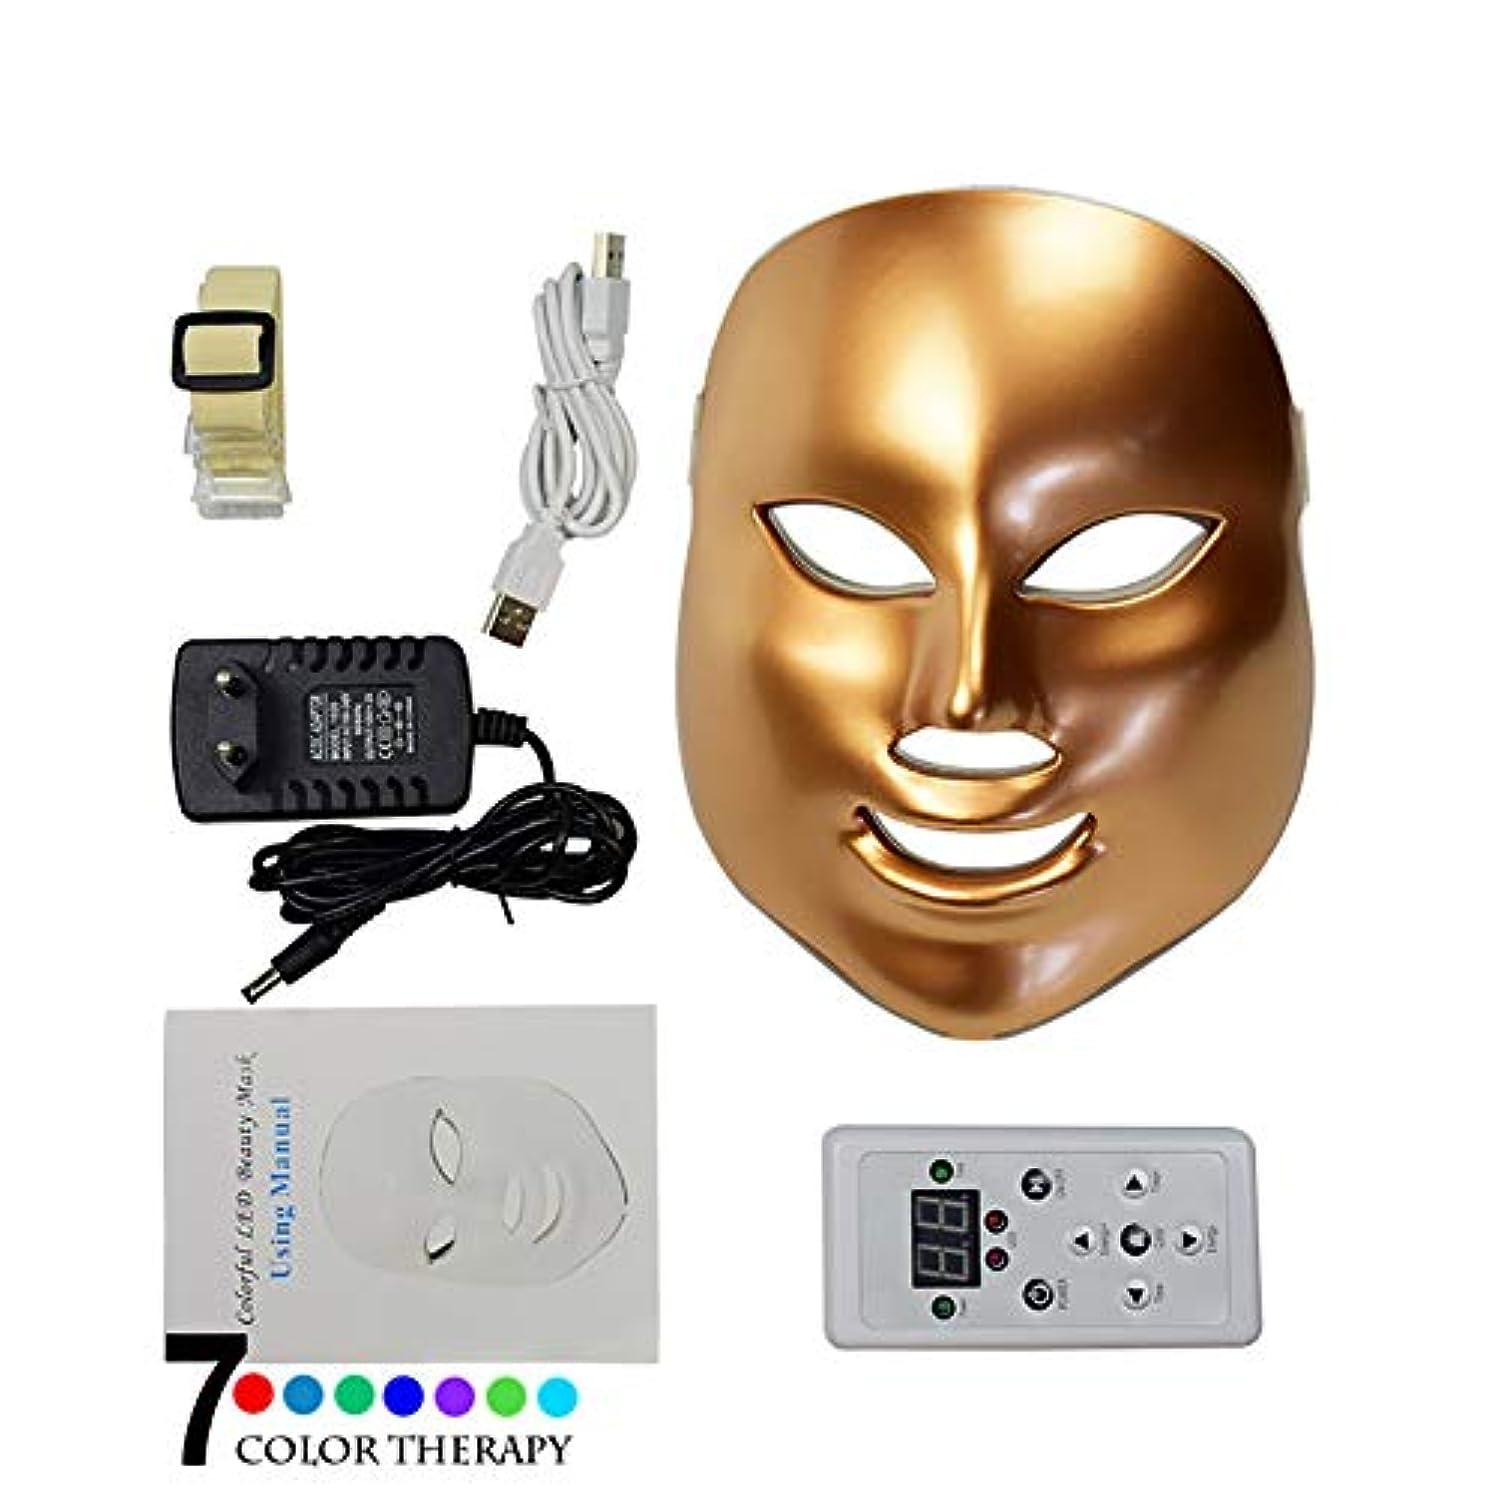 サンプルバイオリニスト単調な7色LEDフェイスマスク、7色LEDスキン光線療法器具、健康的な肌の若返りのためのレッドライトセラピー、アンチエイジング、しわ、瘢痕化,Gold